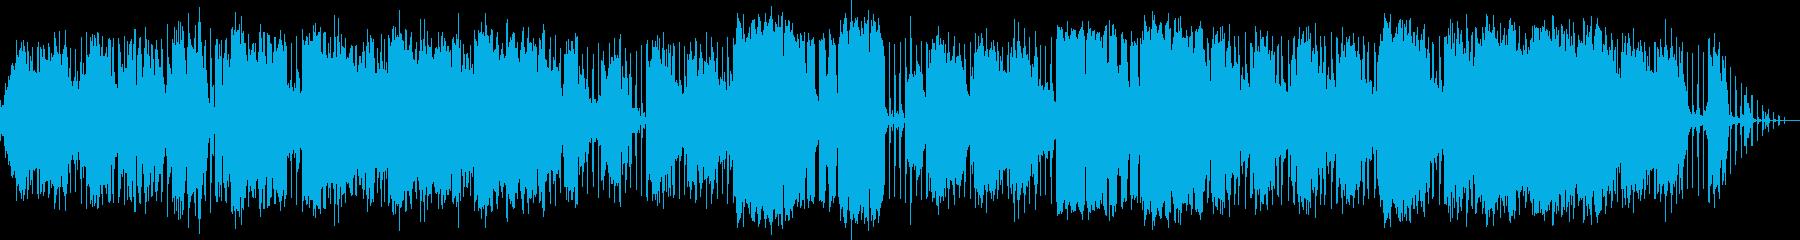 オーガニックなエレクトロの再生済みの波形